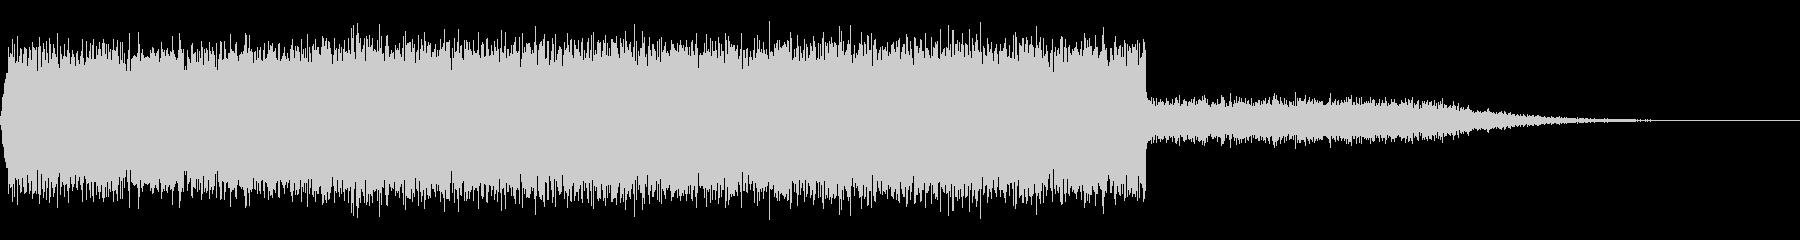 メタリックエアリリースの未再生の波形